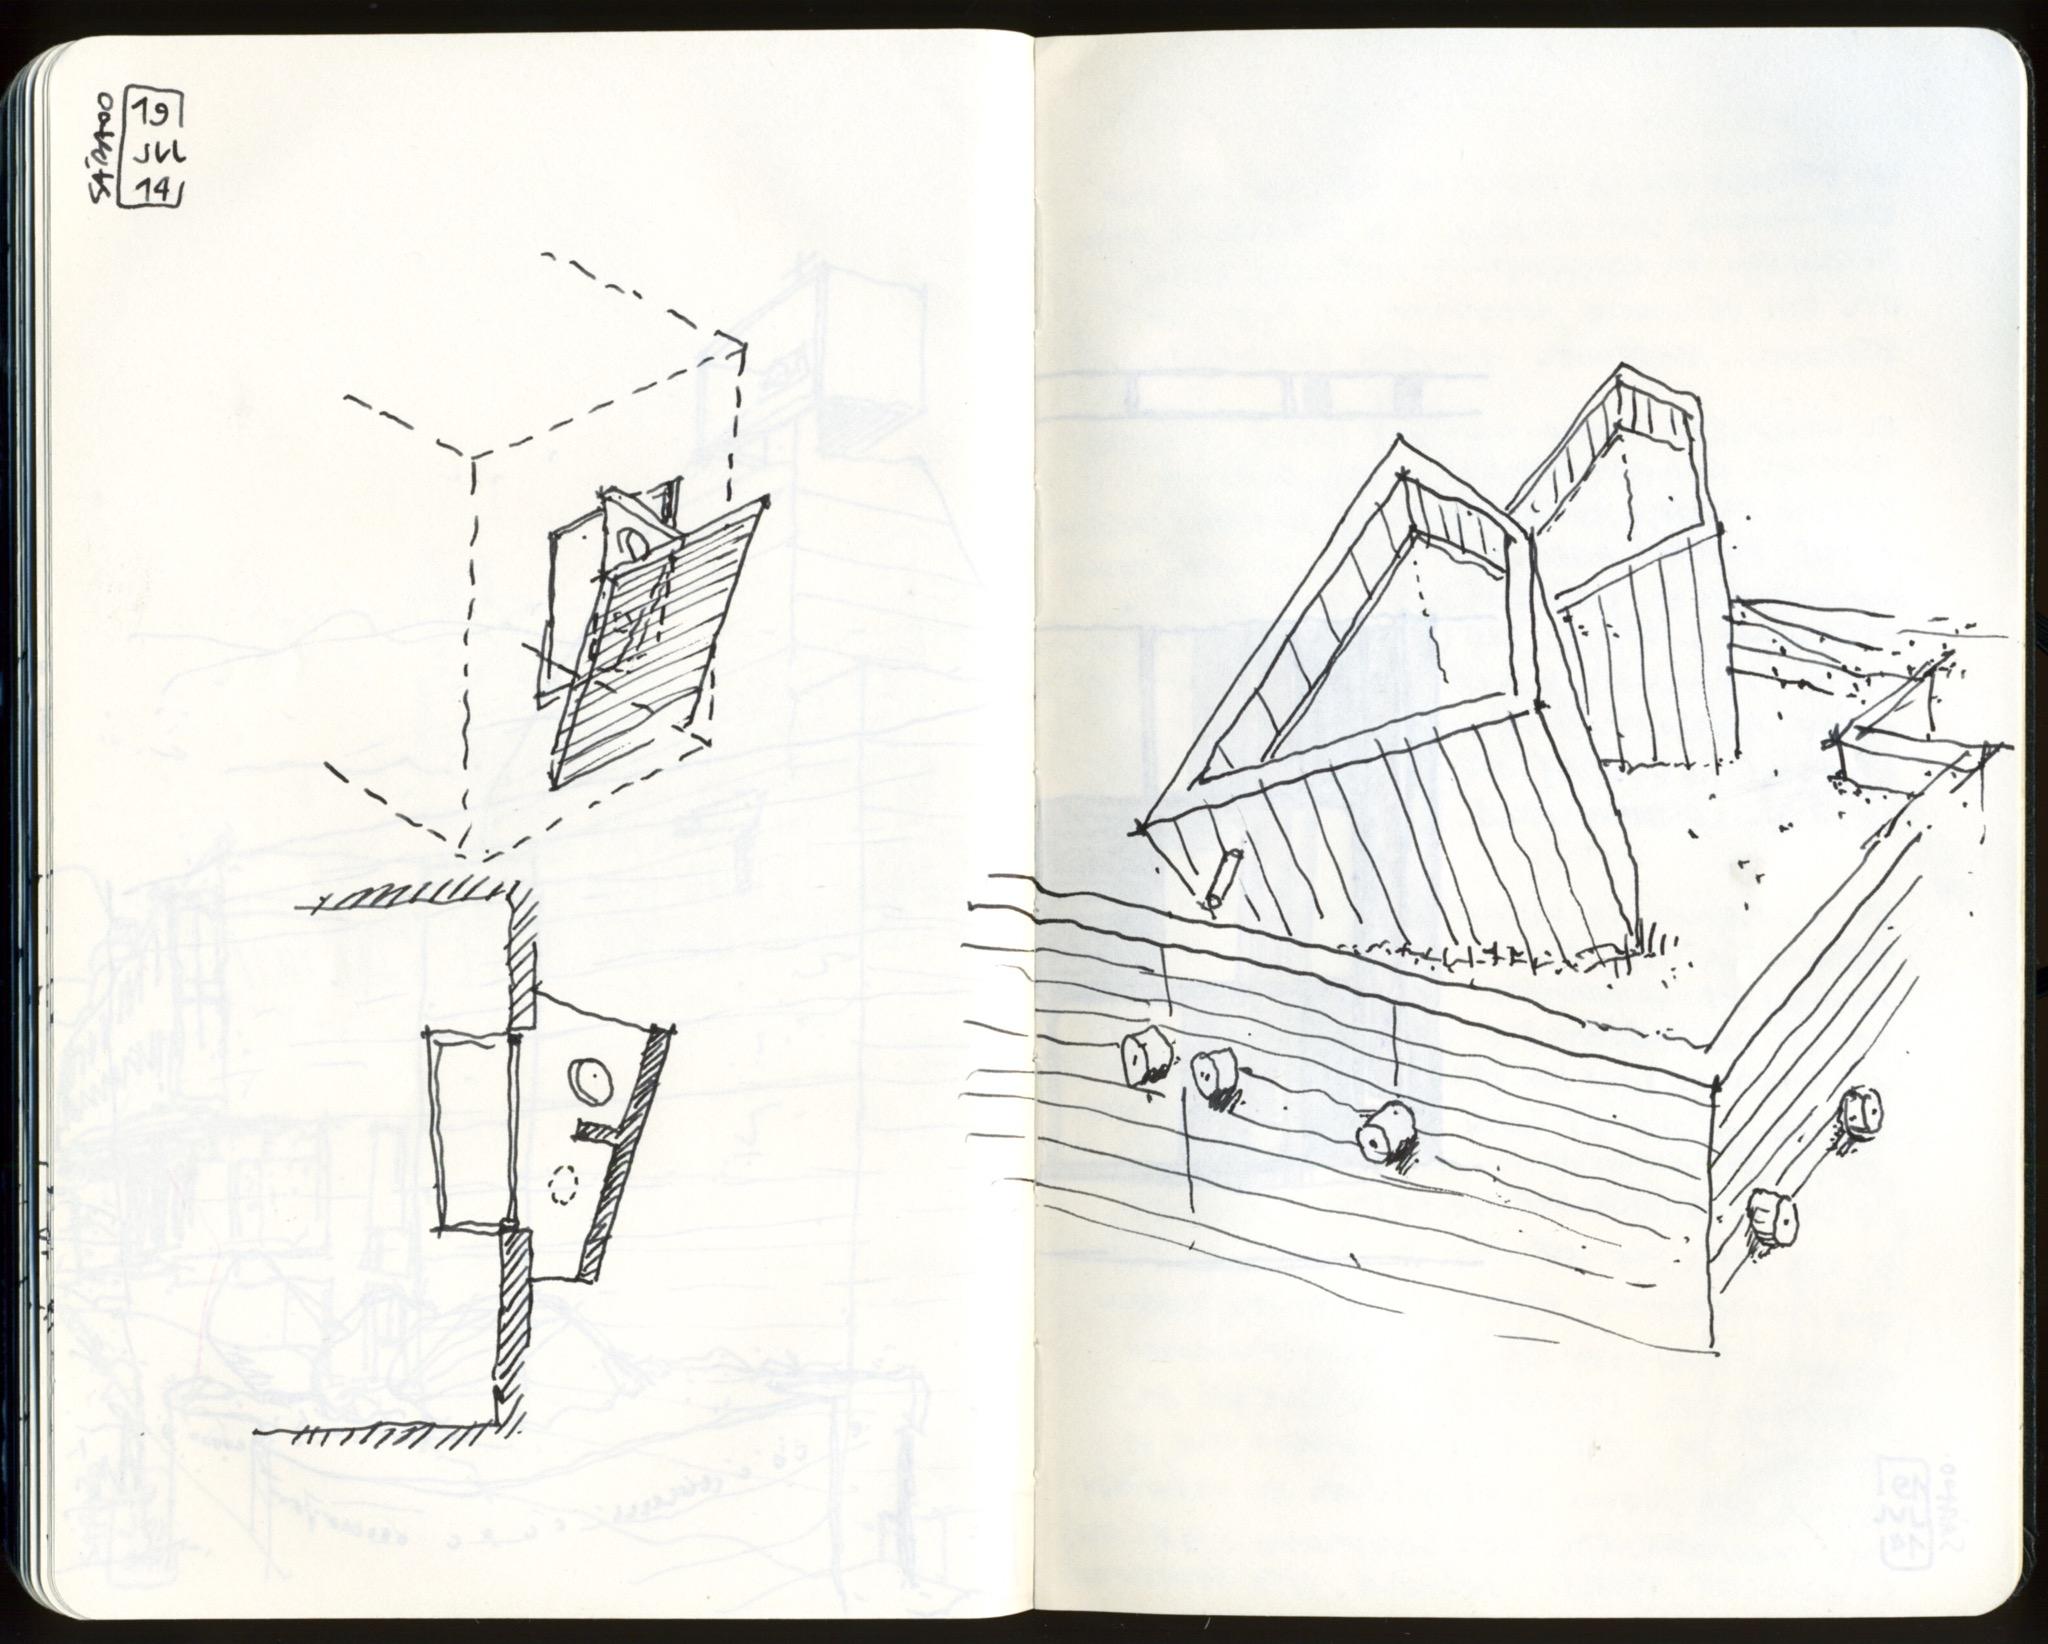 Le Corbusier's Couvent de la Tourette (1957-1960